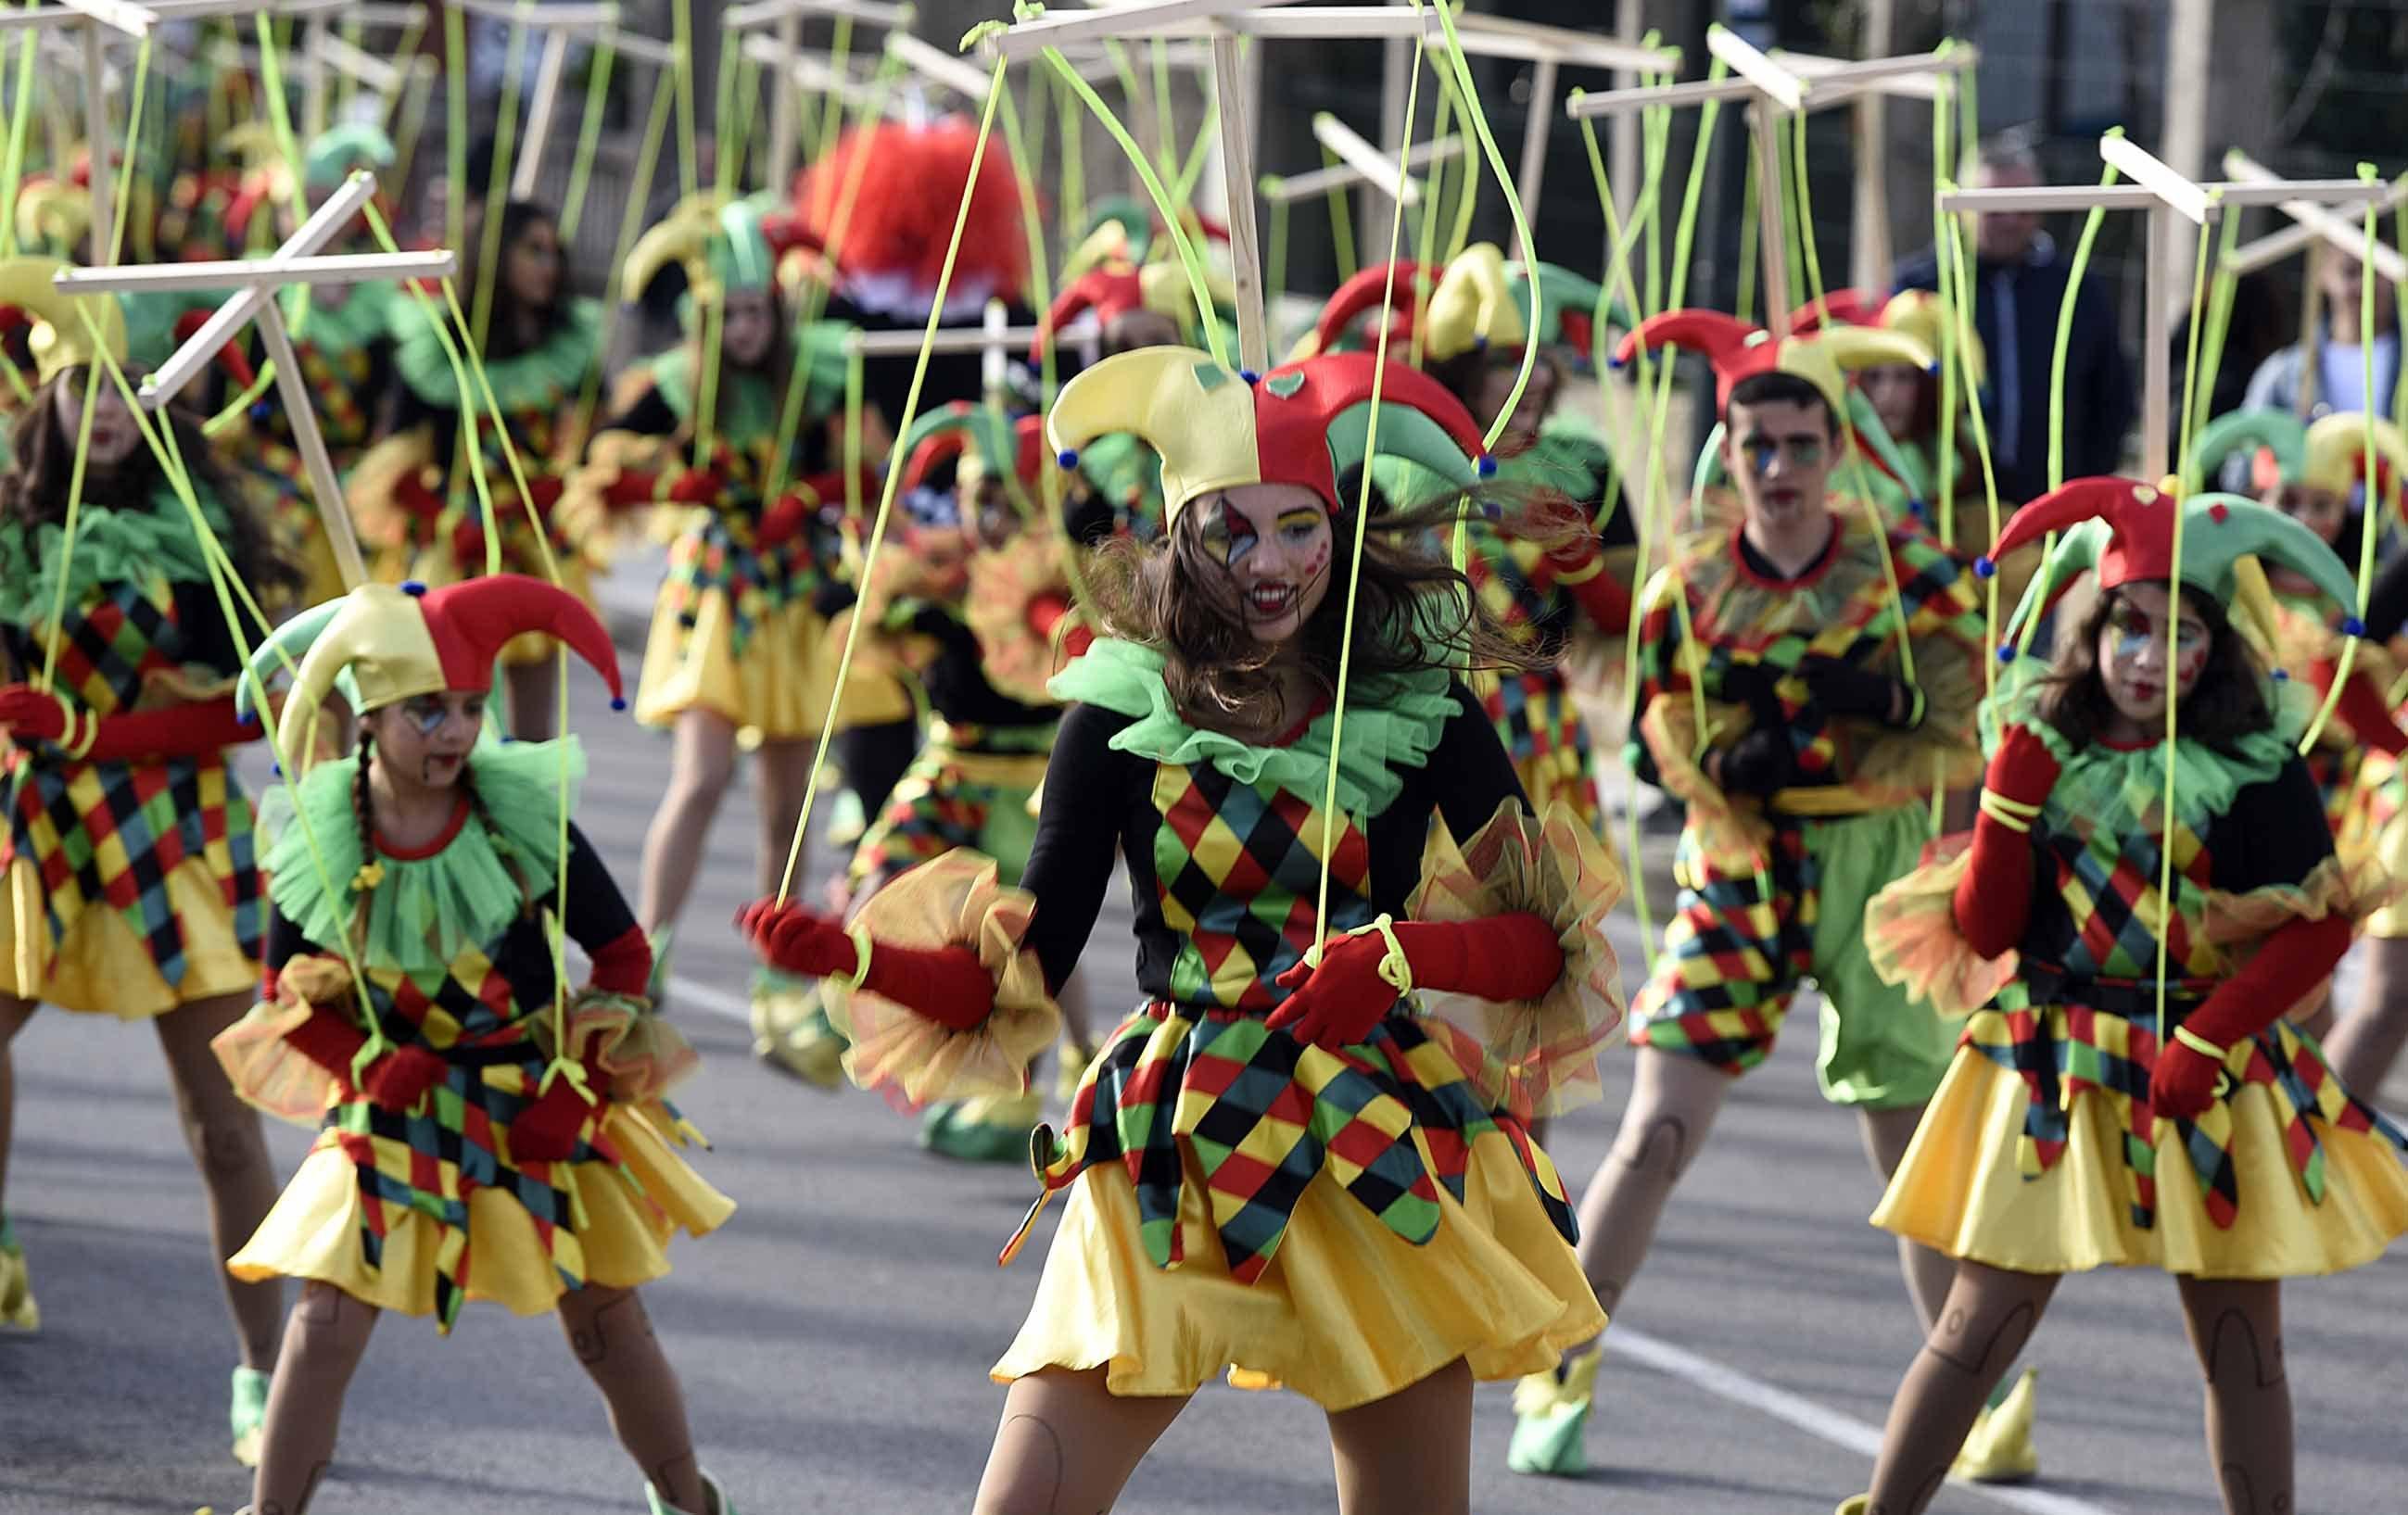 Carnaval Bembrive 2019